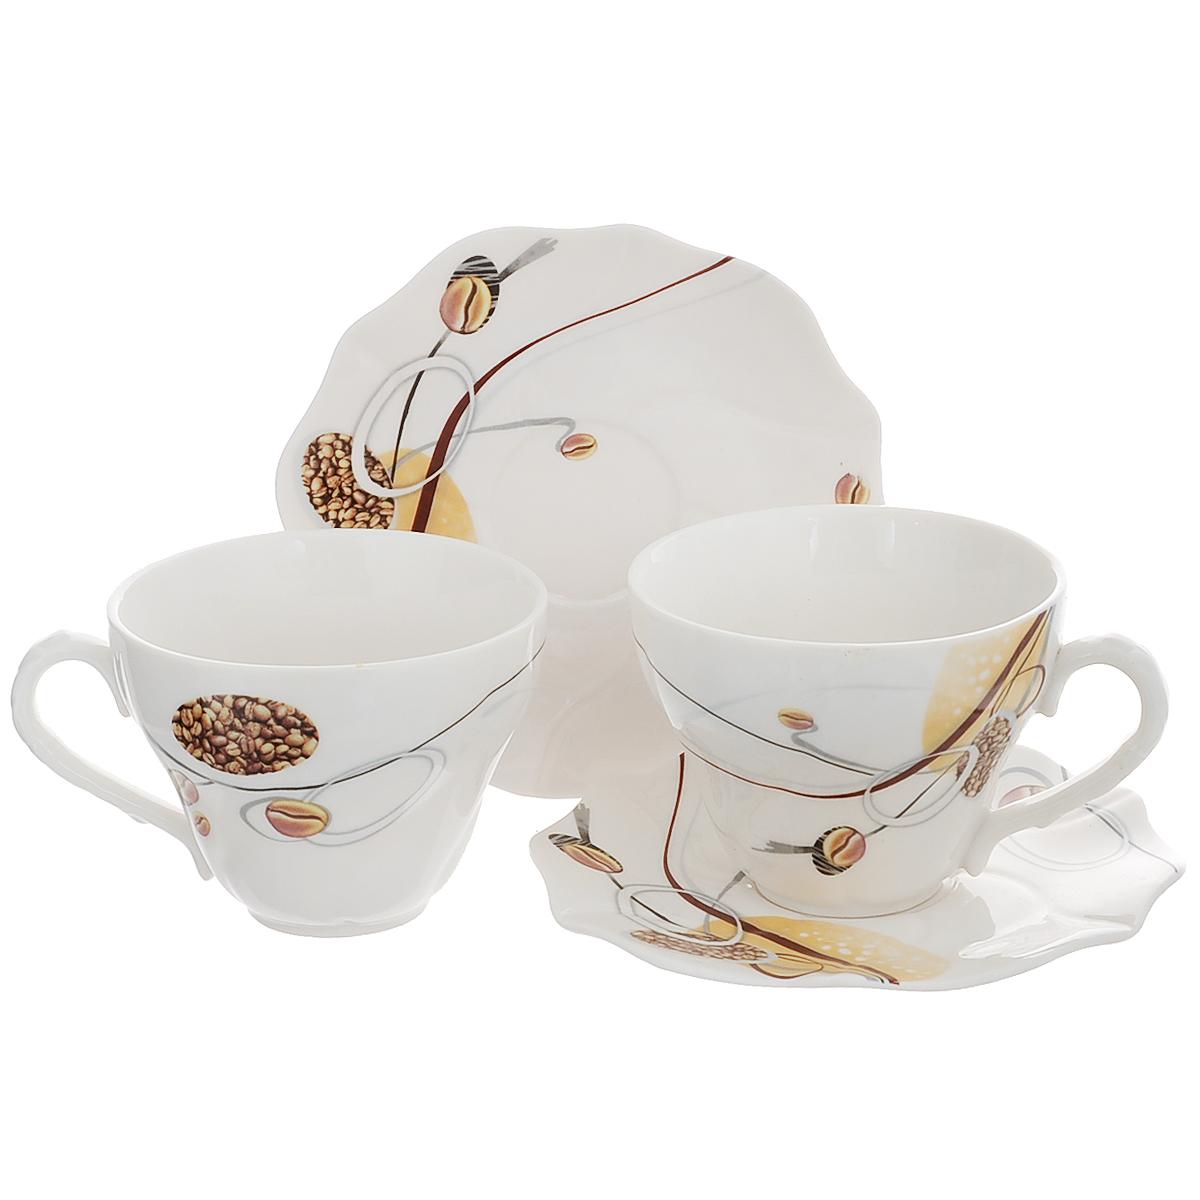 Набор чайный Briswild Джаз, 4 предмета. 516-068 набор чайный briswild сесиль 12 предметов